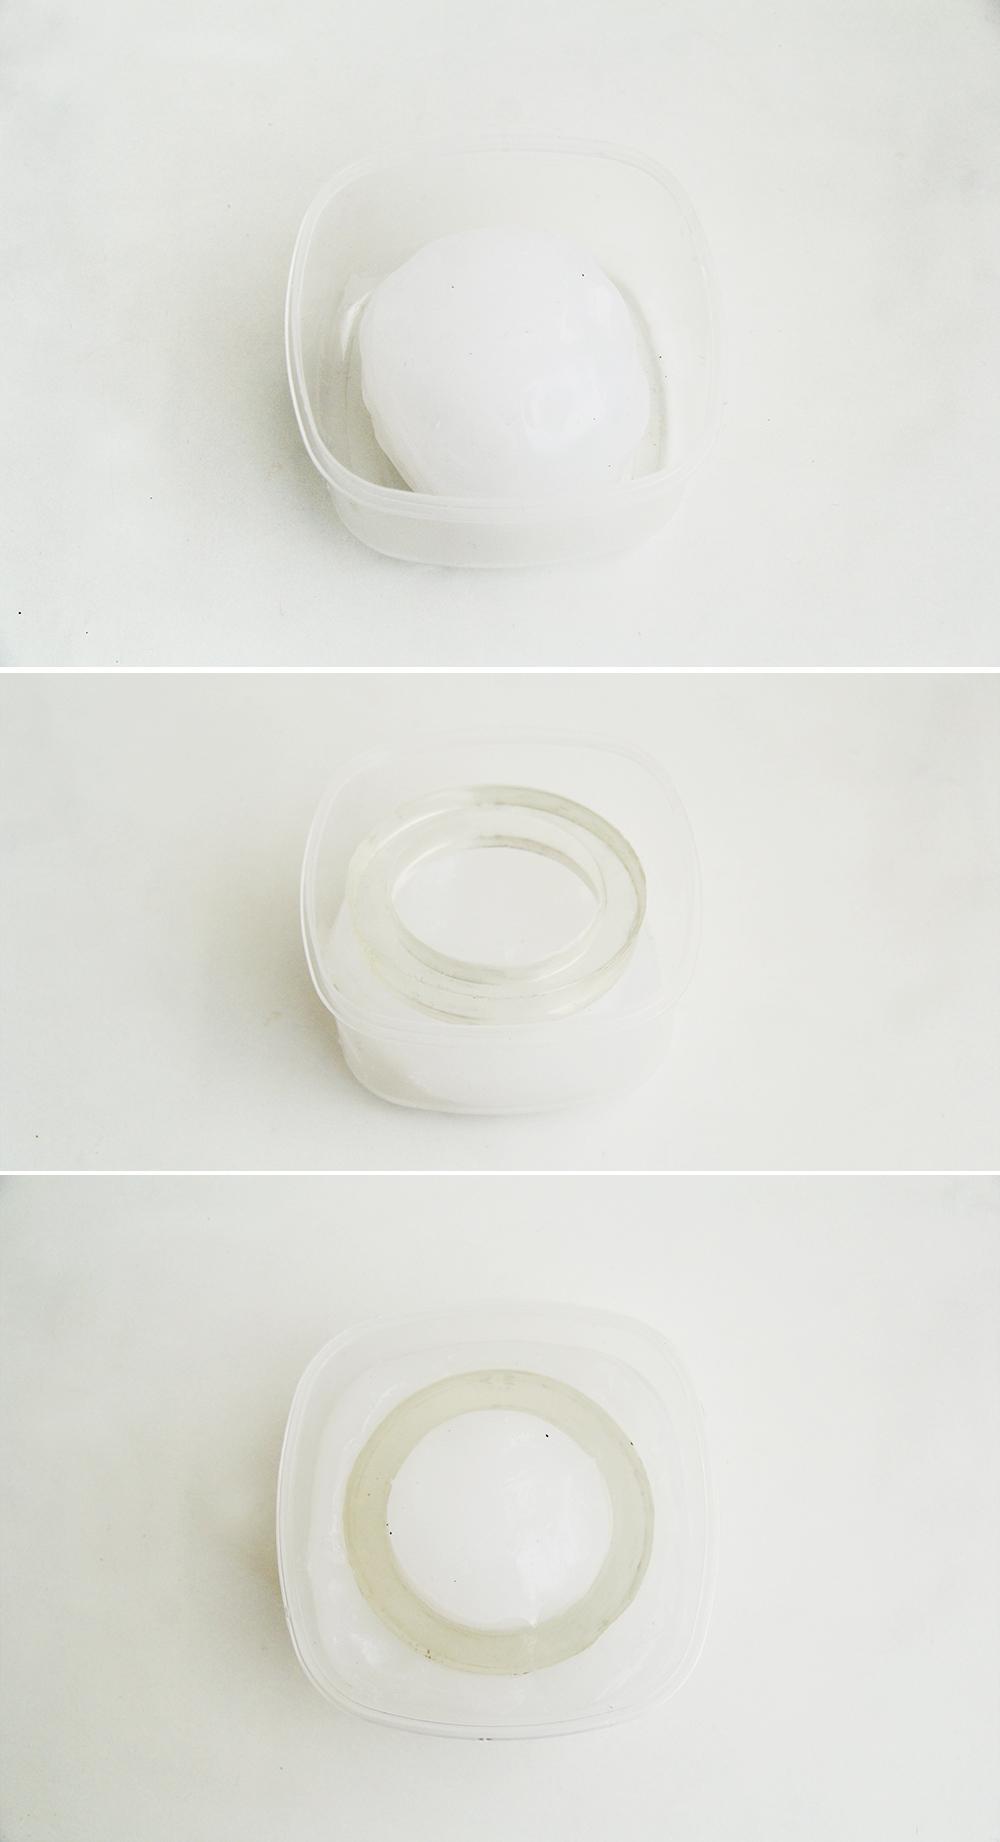 maria kawaii - como-hacer-un-molde-de-silicona-2